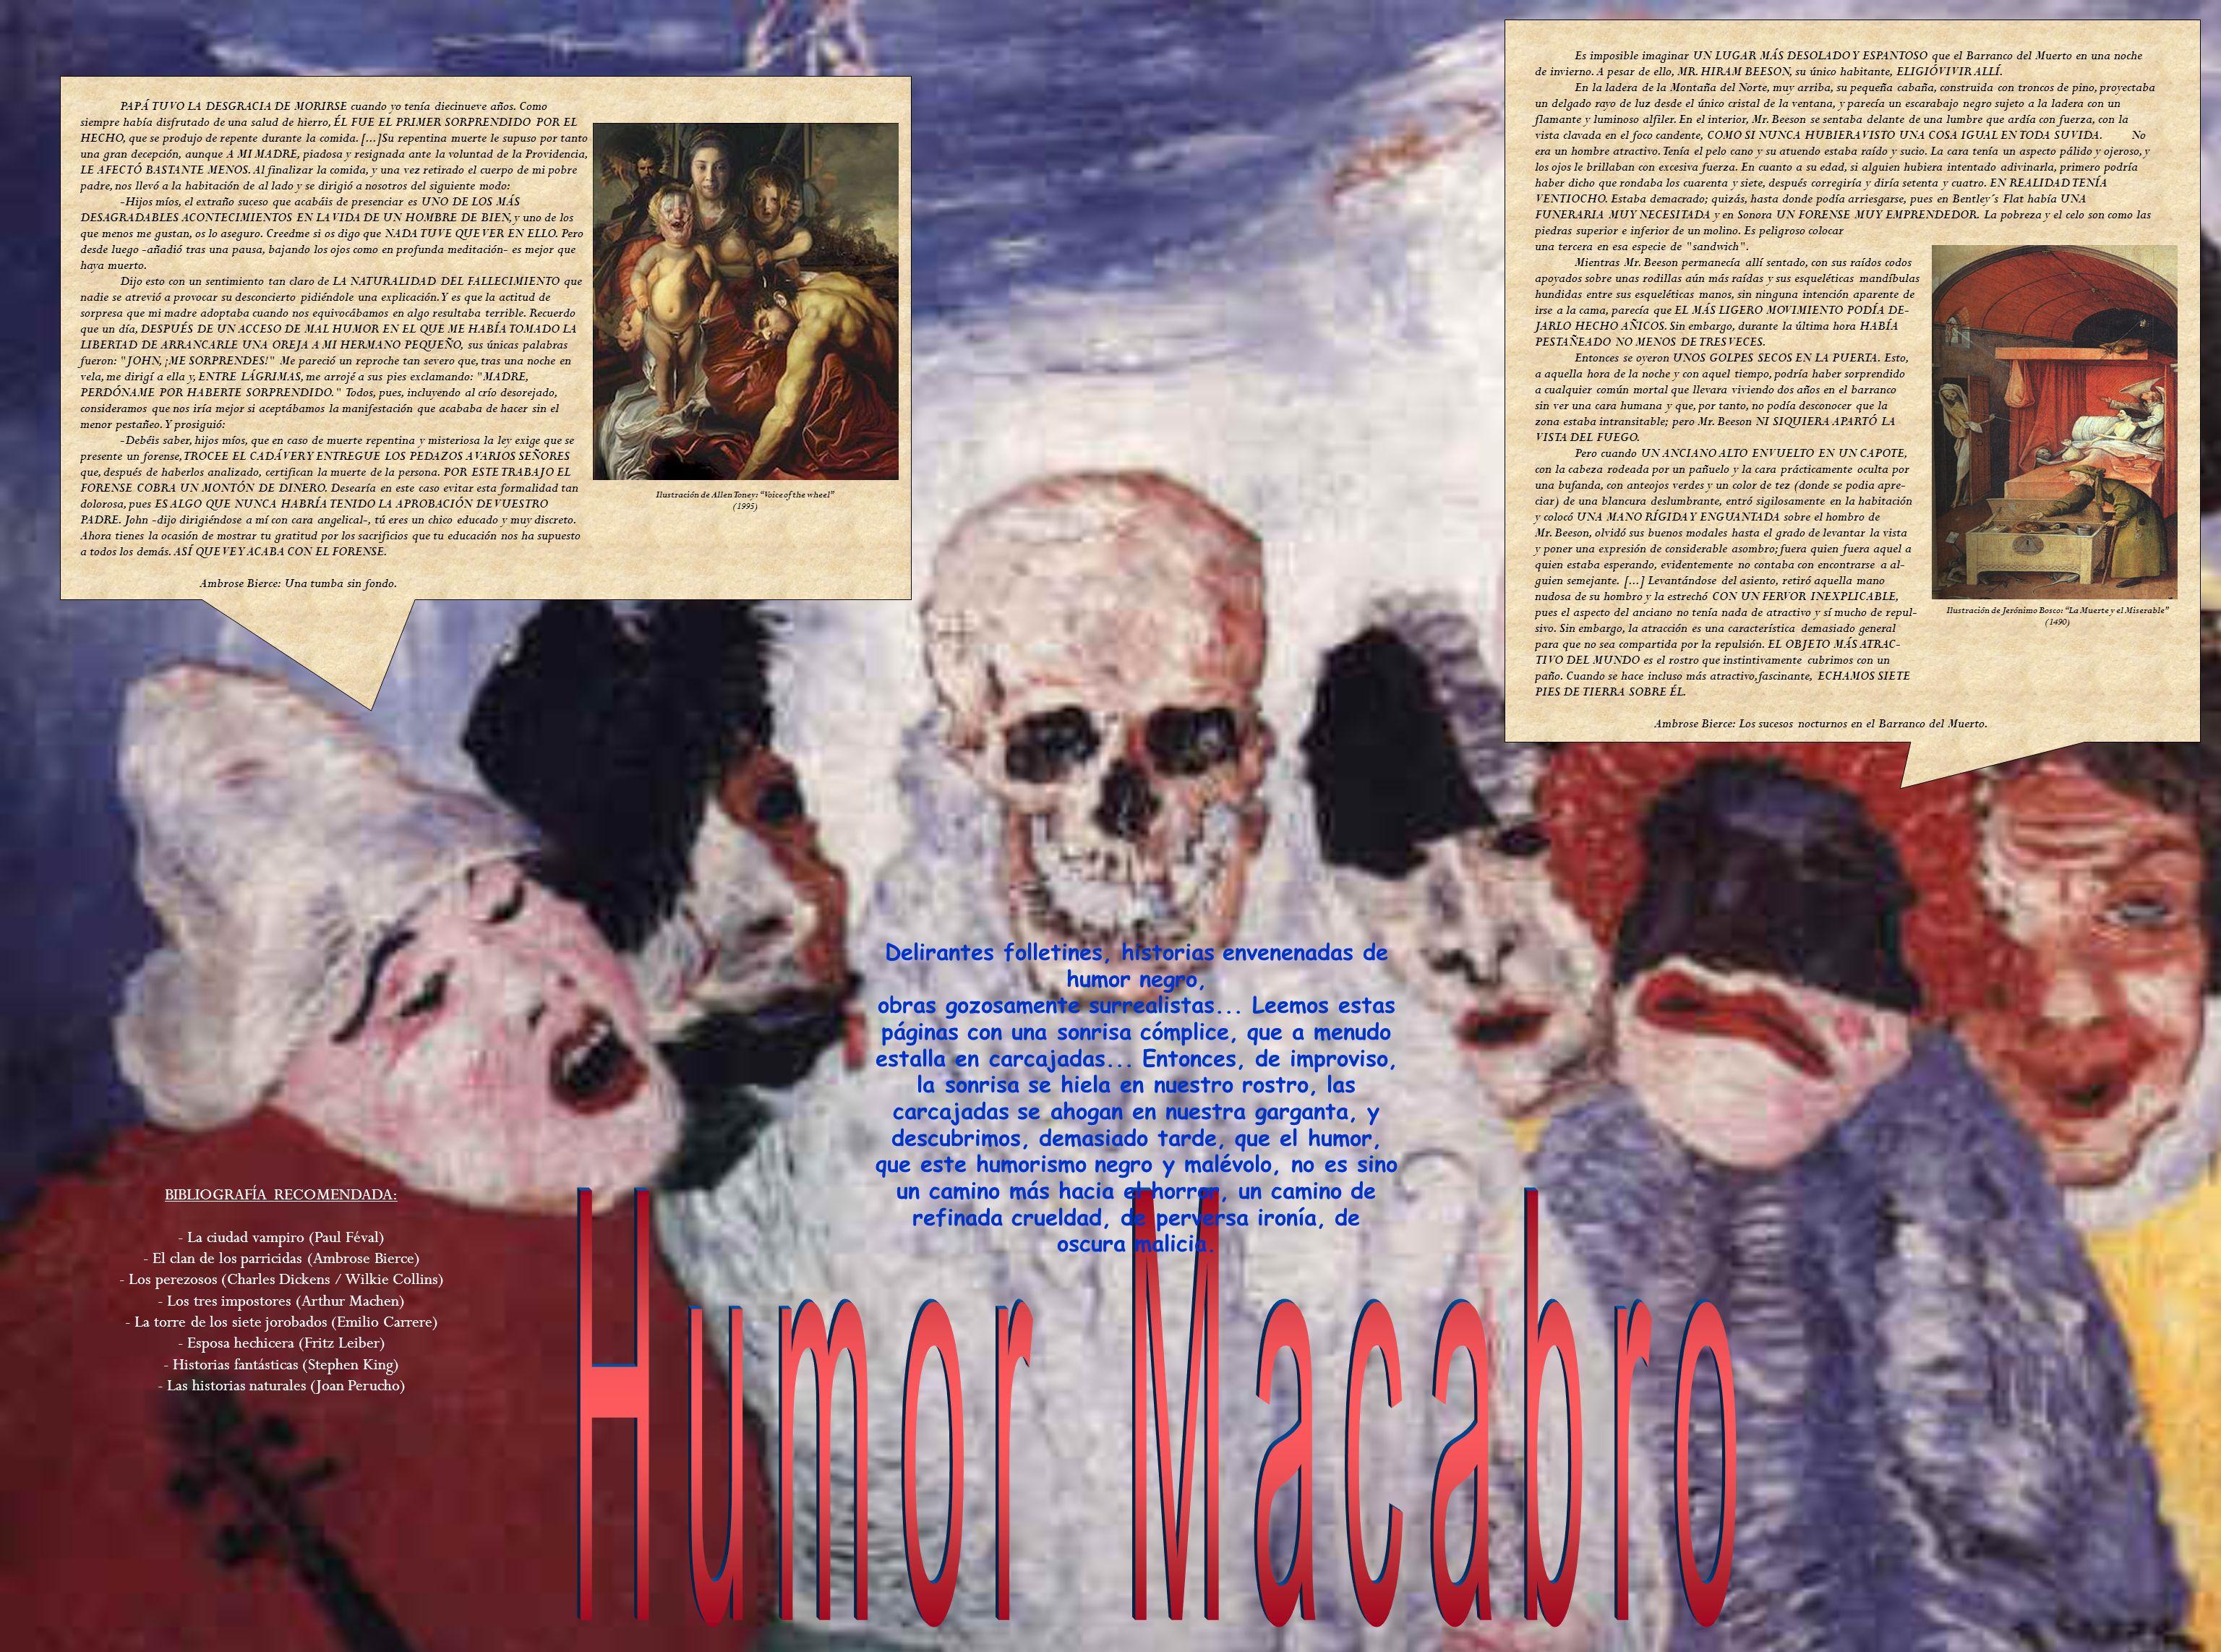 Es imposible imaginar UN LUGAR MÁS DESOLADO Y ESPANTOSO que el Barranco del Muerto en una noche de invierno. A pesar de ello, MR. HIRAM BEESON, su úni